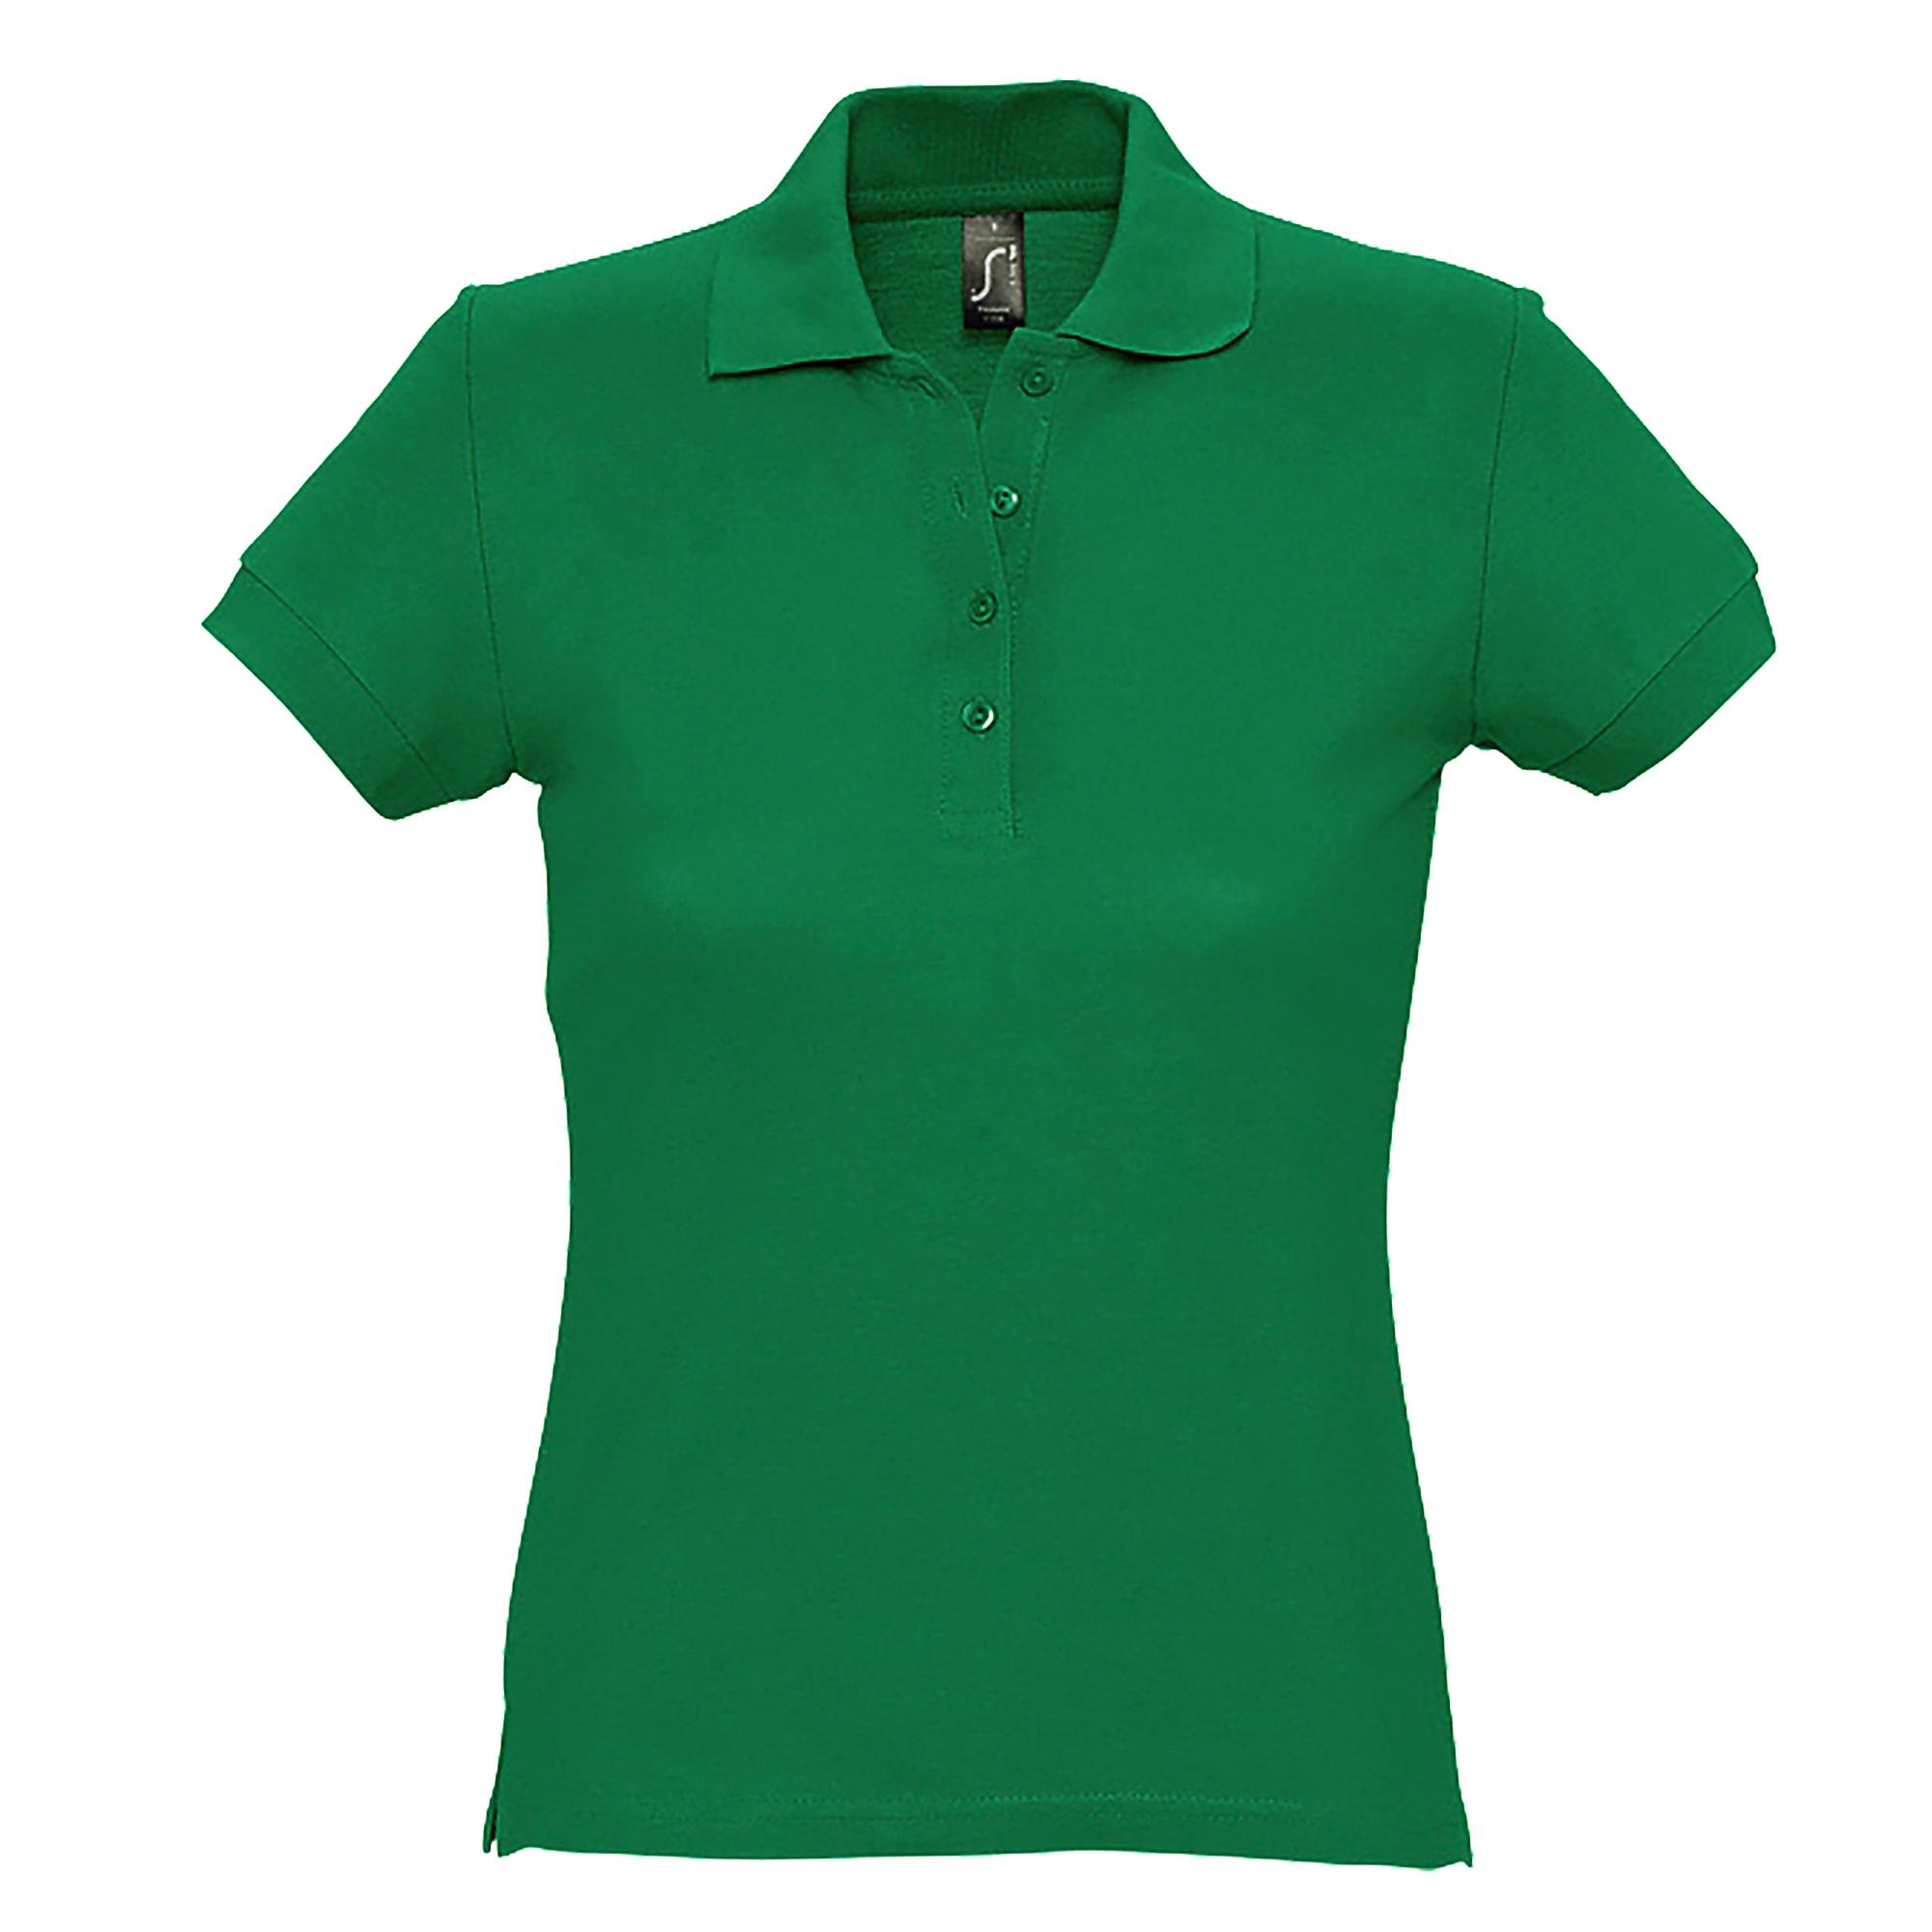 miniature 32 - SOLS Passion - Polo 100% coton à manches courtes - Femme (S-2XL) 16 (PC317)